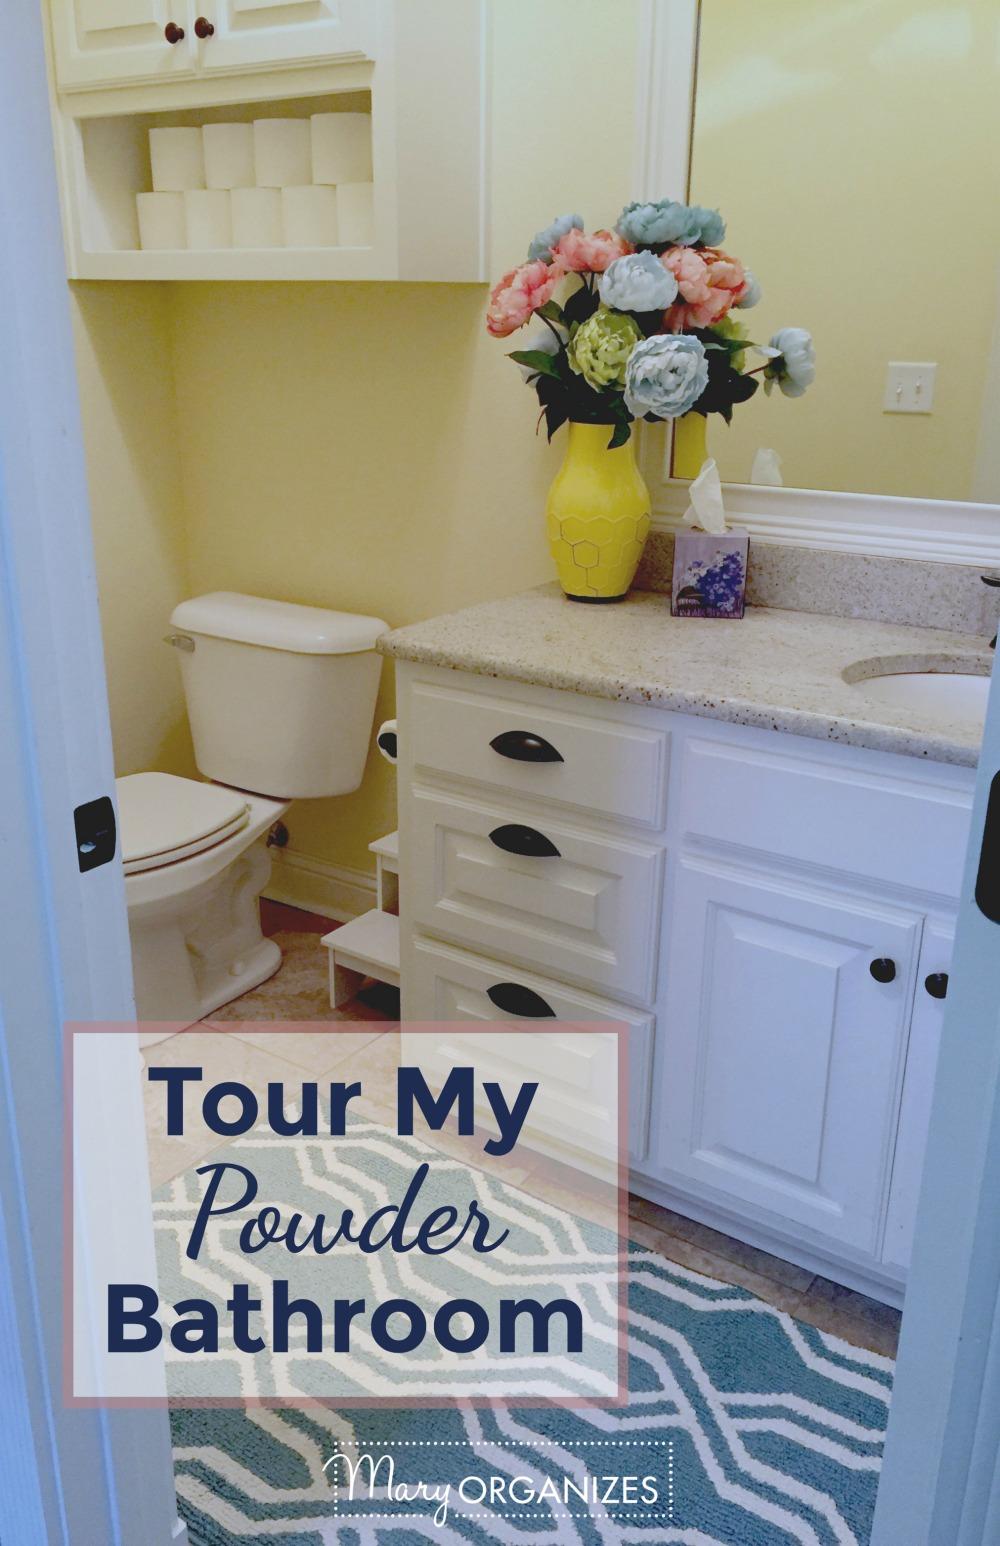 Powder Bathroom Tour - v